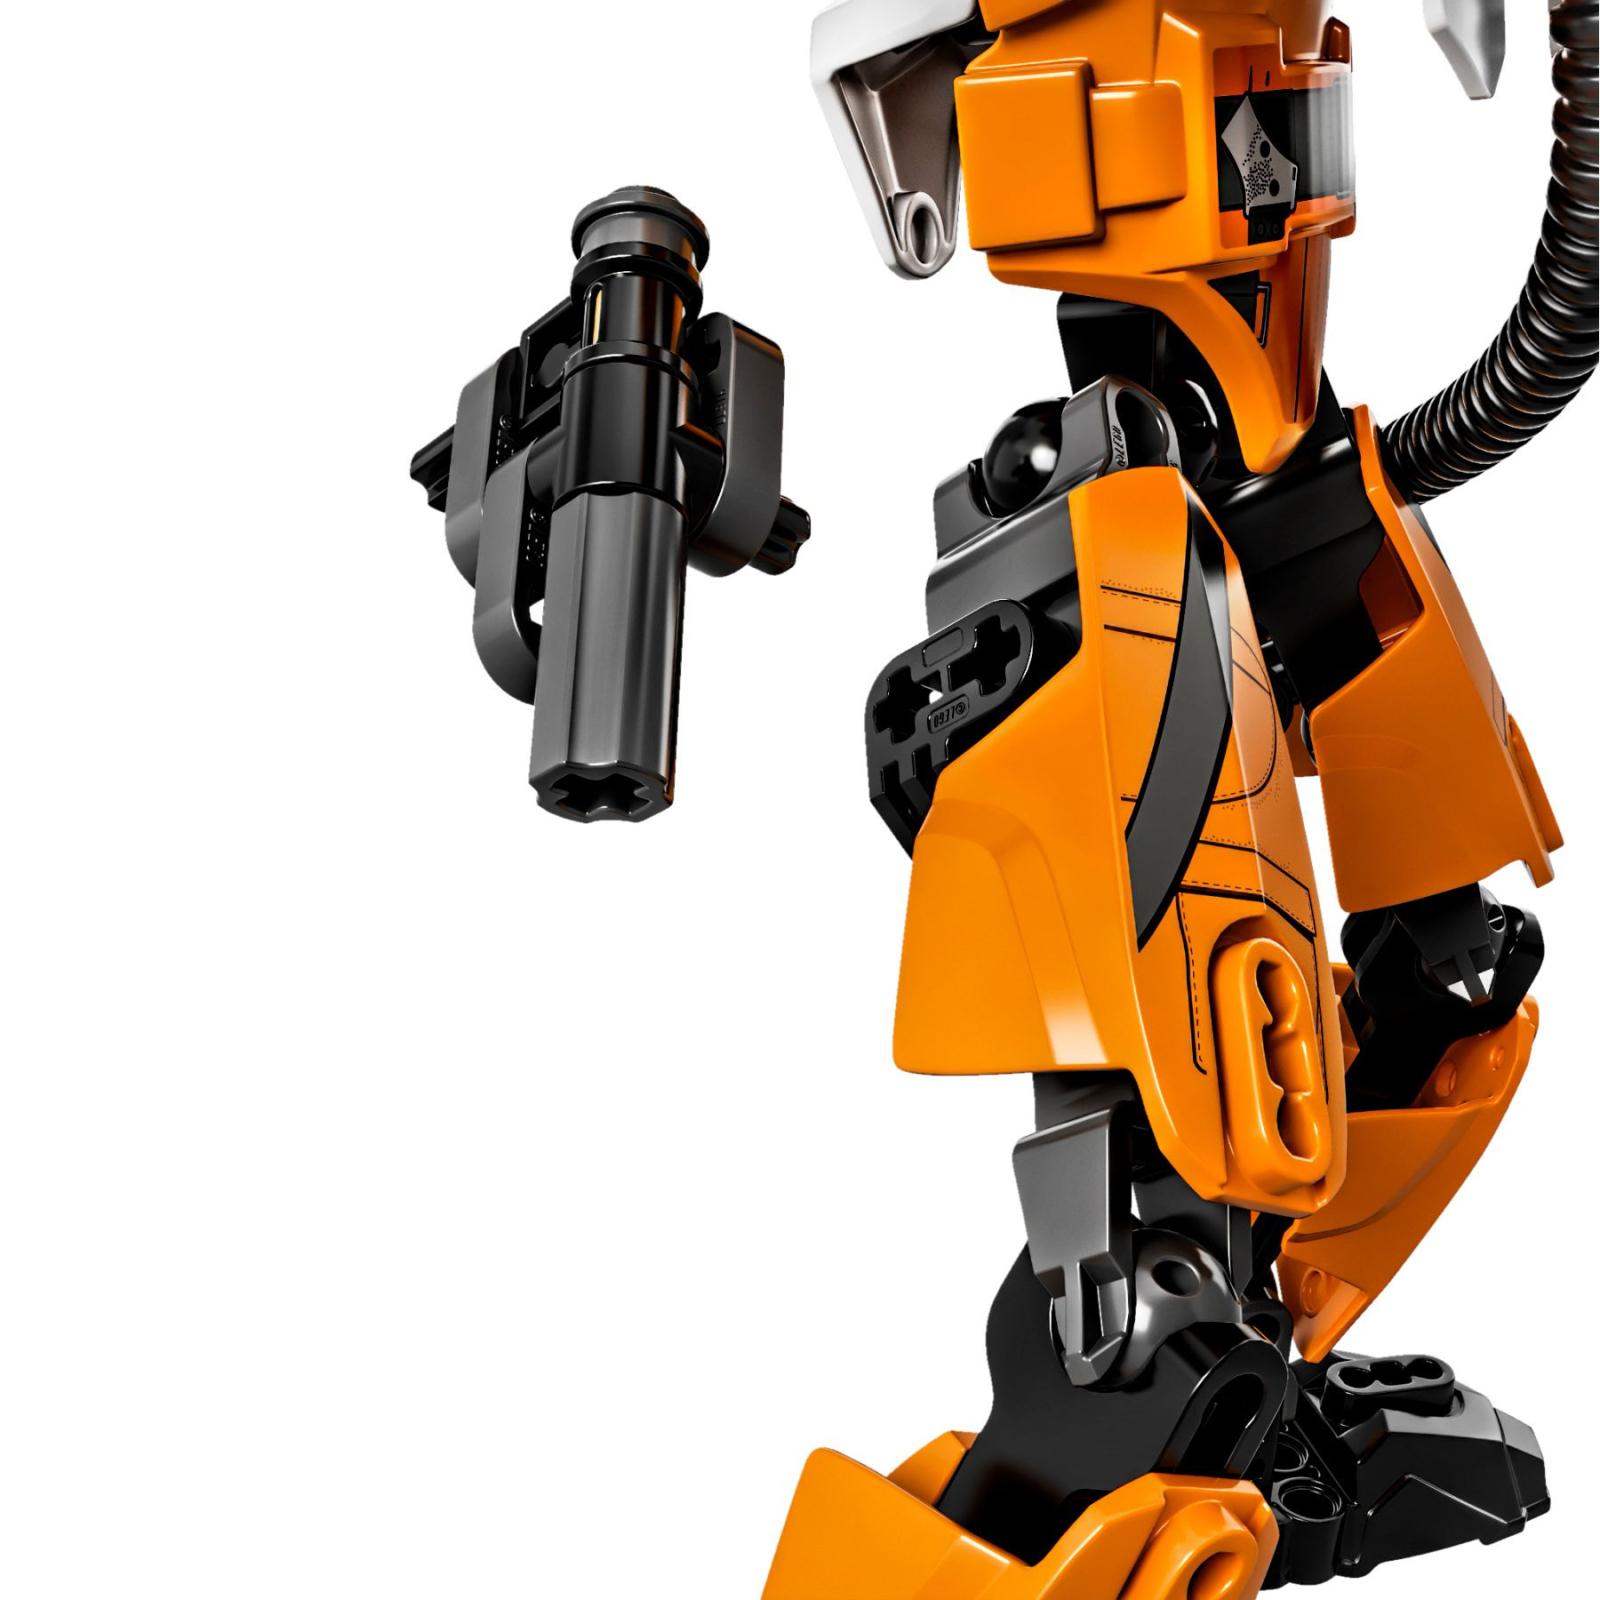 Конструктор LEGO Star Wars По Демерон (75115) изображение 5